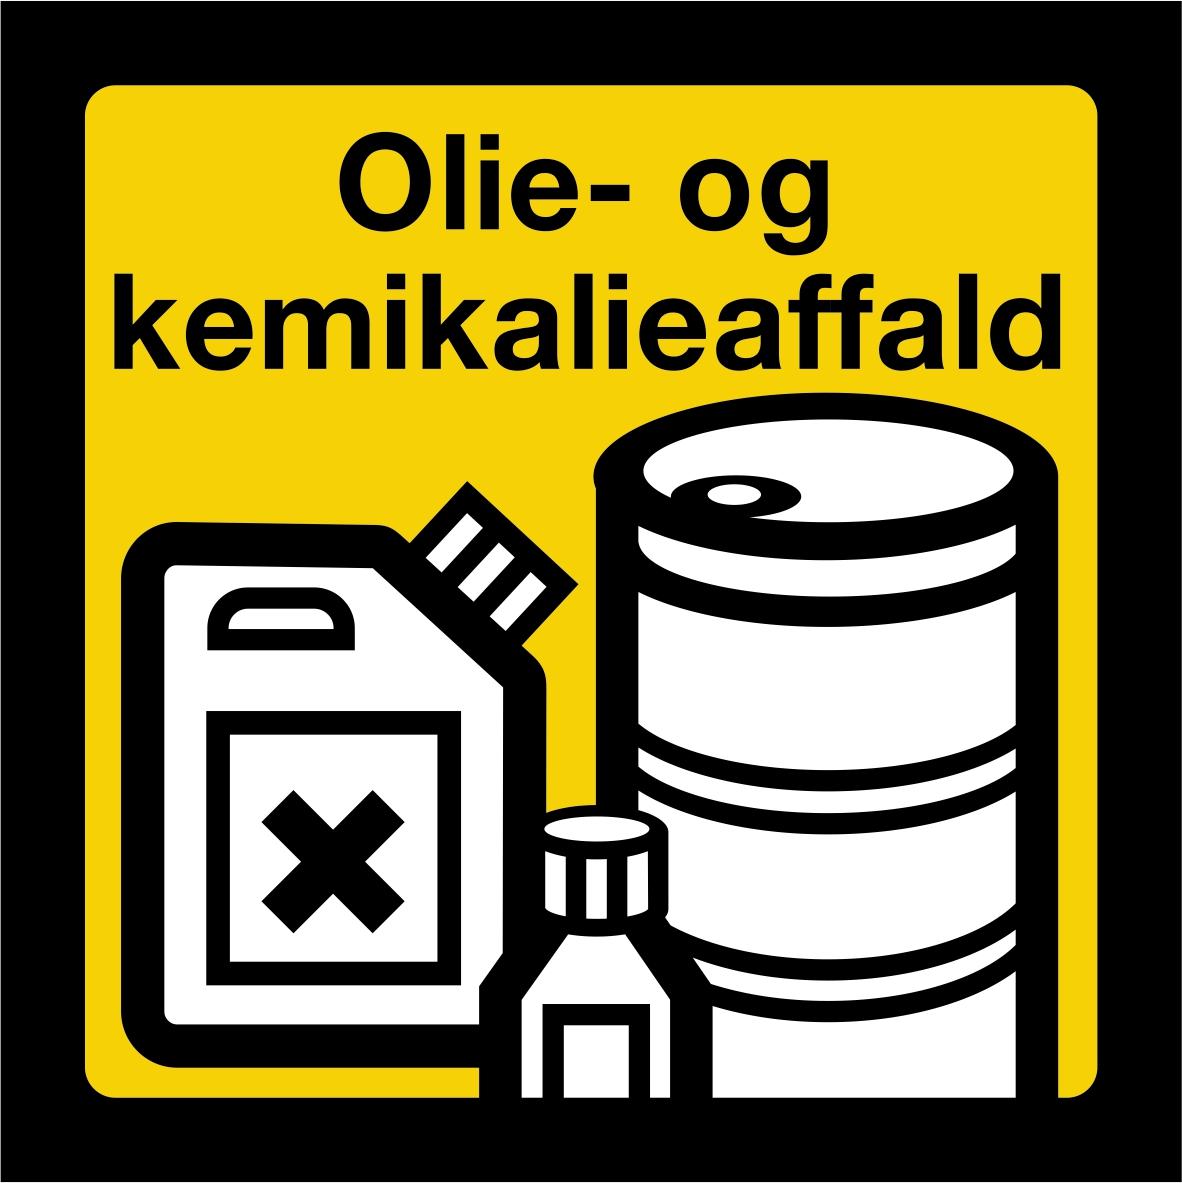 Olie og kemikalieaffald